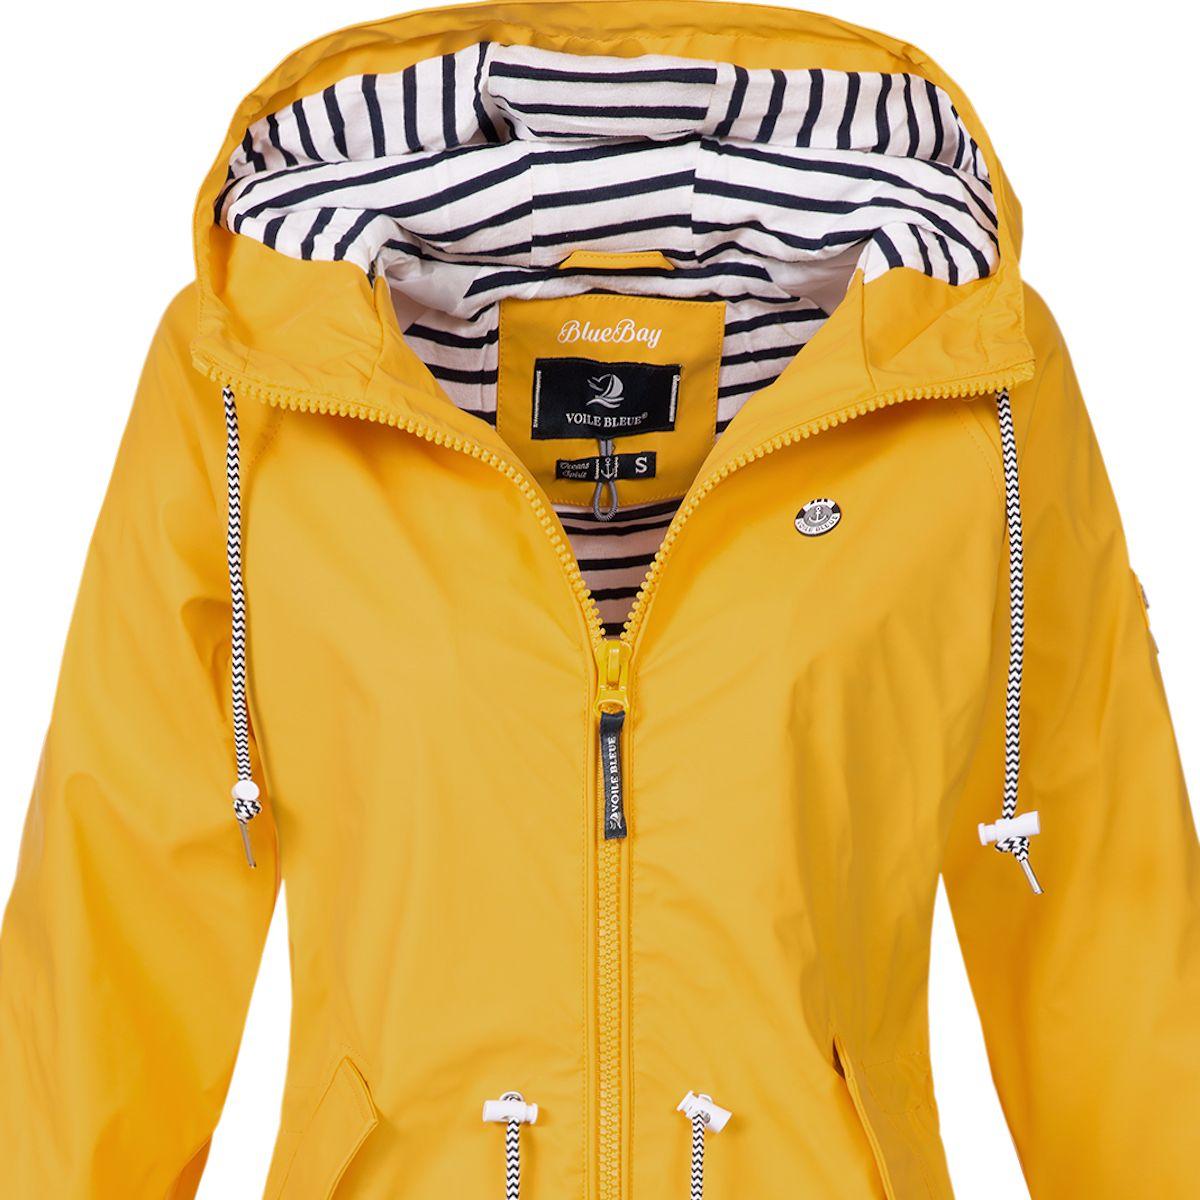 Damen Jacke Mantel Damenjacke Regenjacke Regenmantel Birds Insulated Ragwear